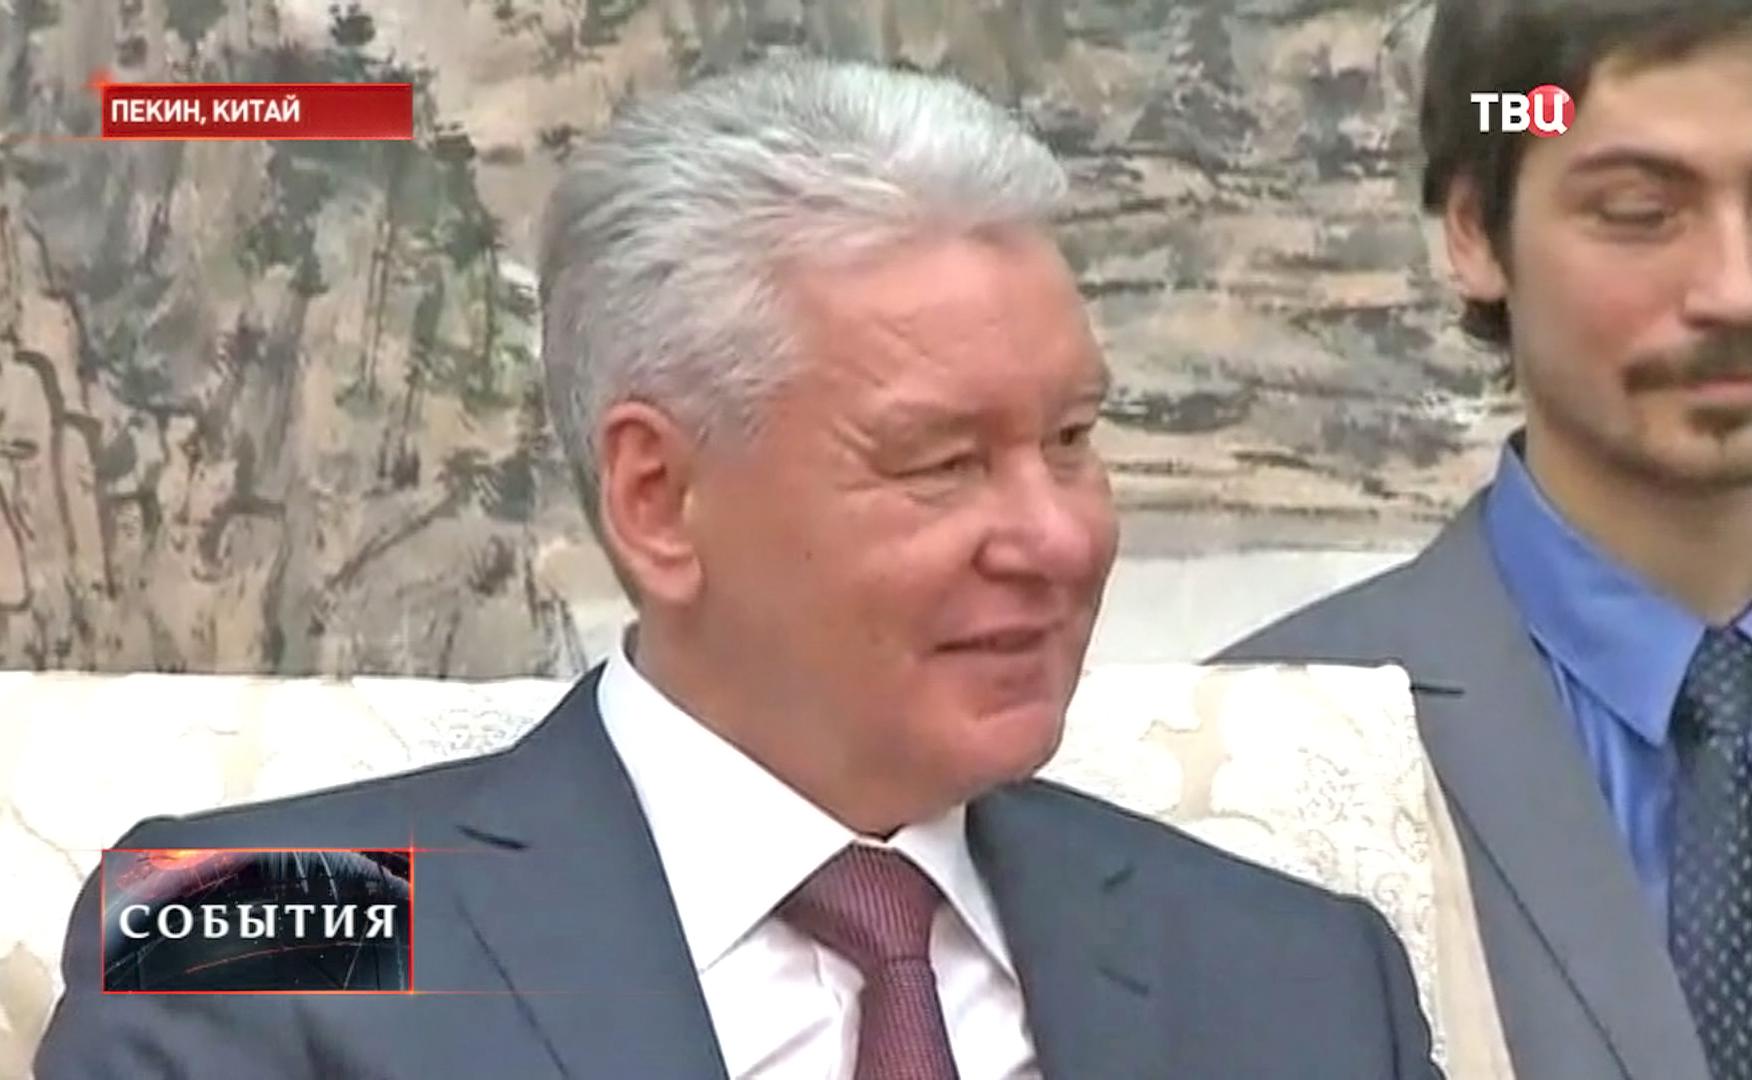 Сергей Собянин в Пекине